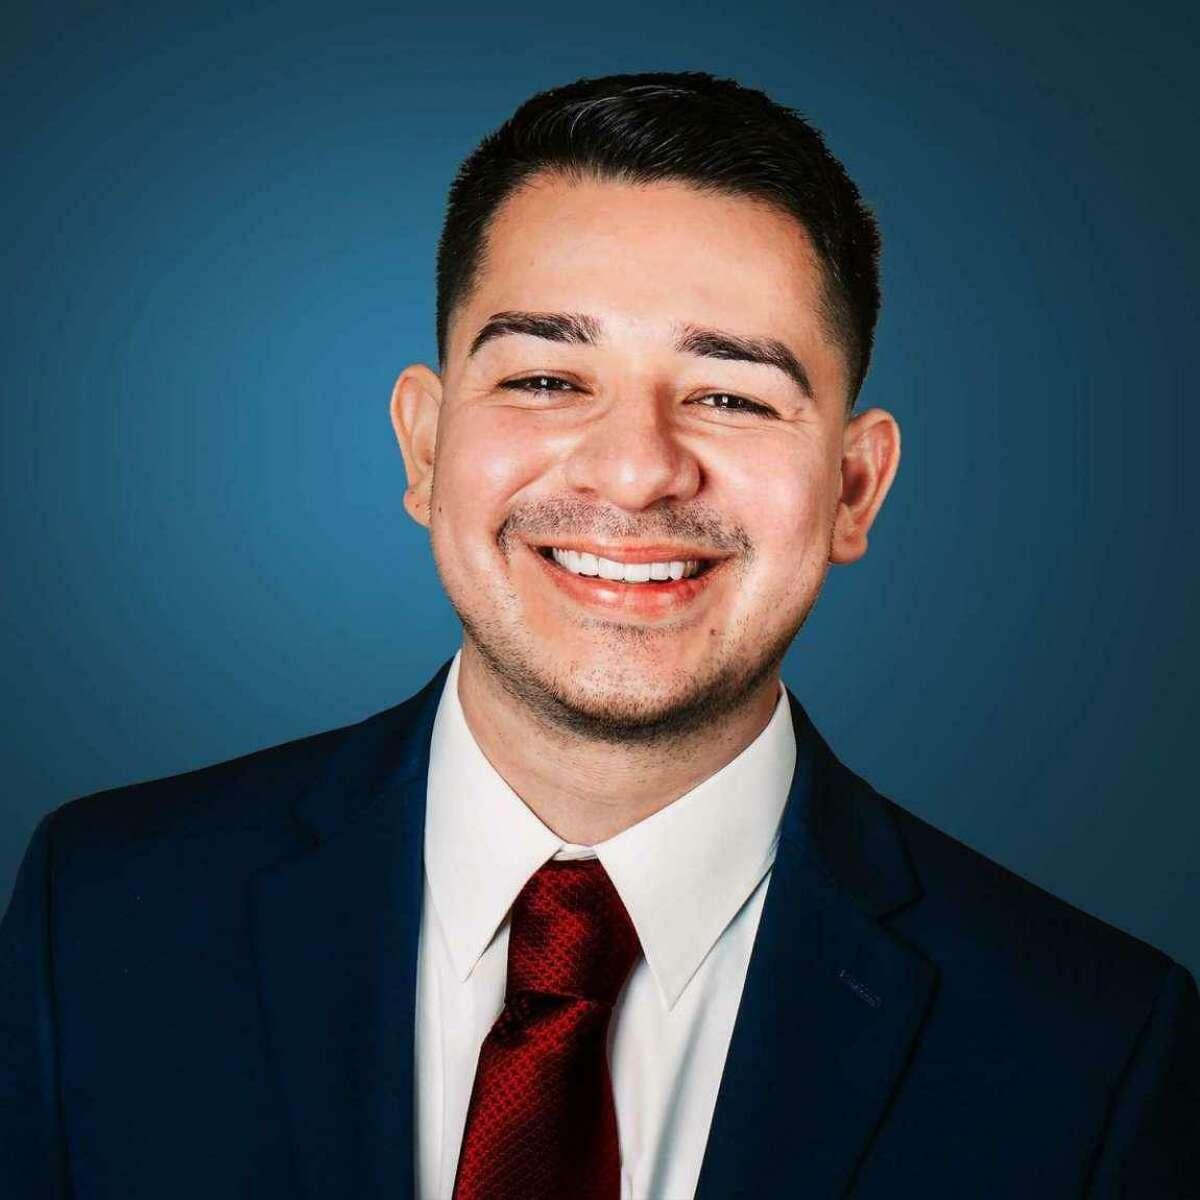 Jonathan Estrada has been elected to the District E position on Pasadena City Council.